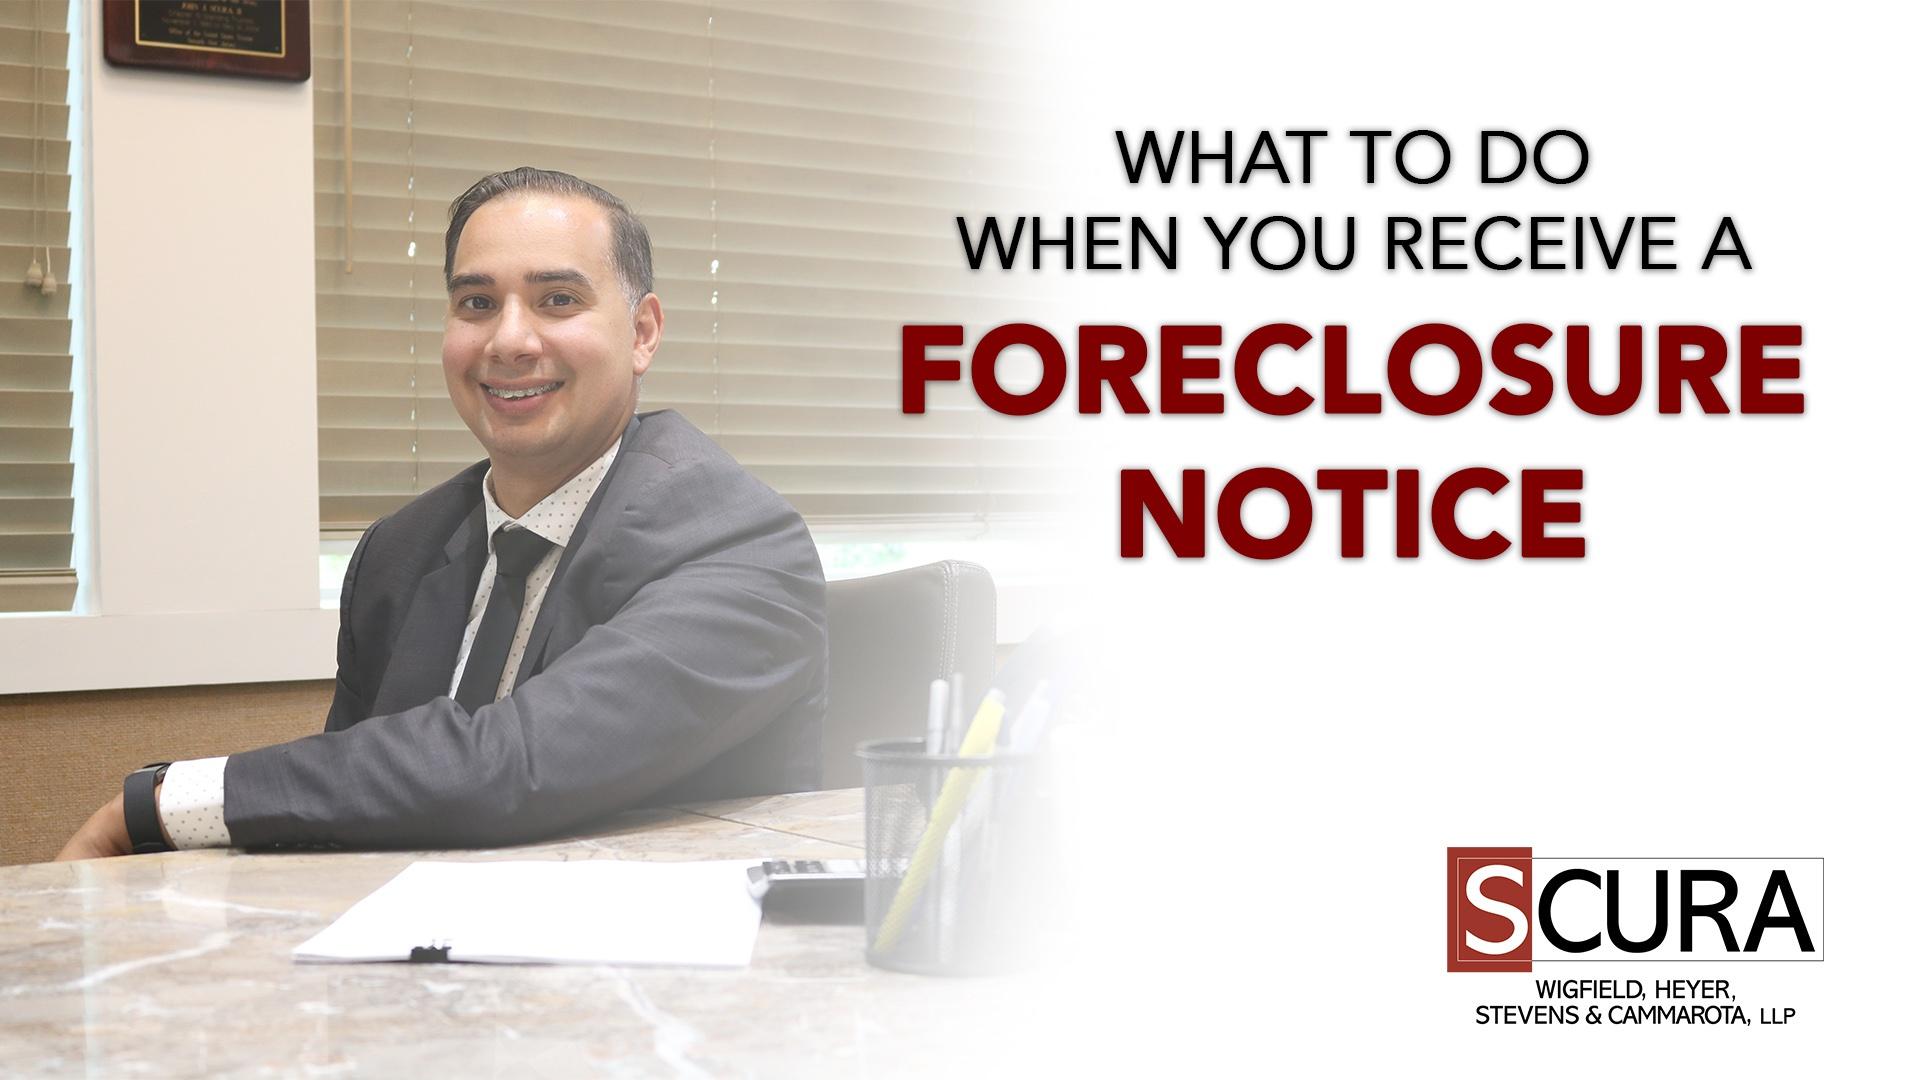 Jamal-foreclosure-notice